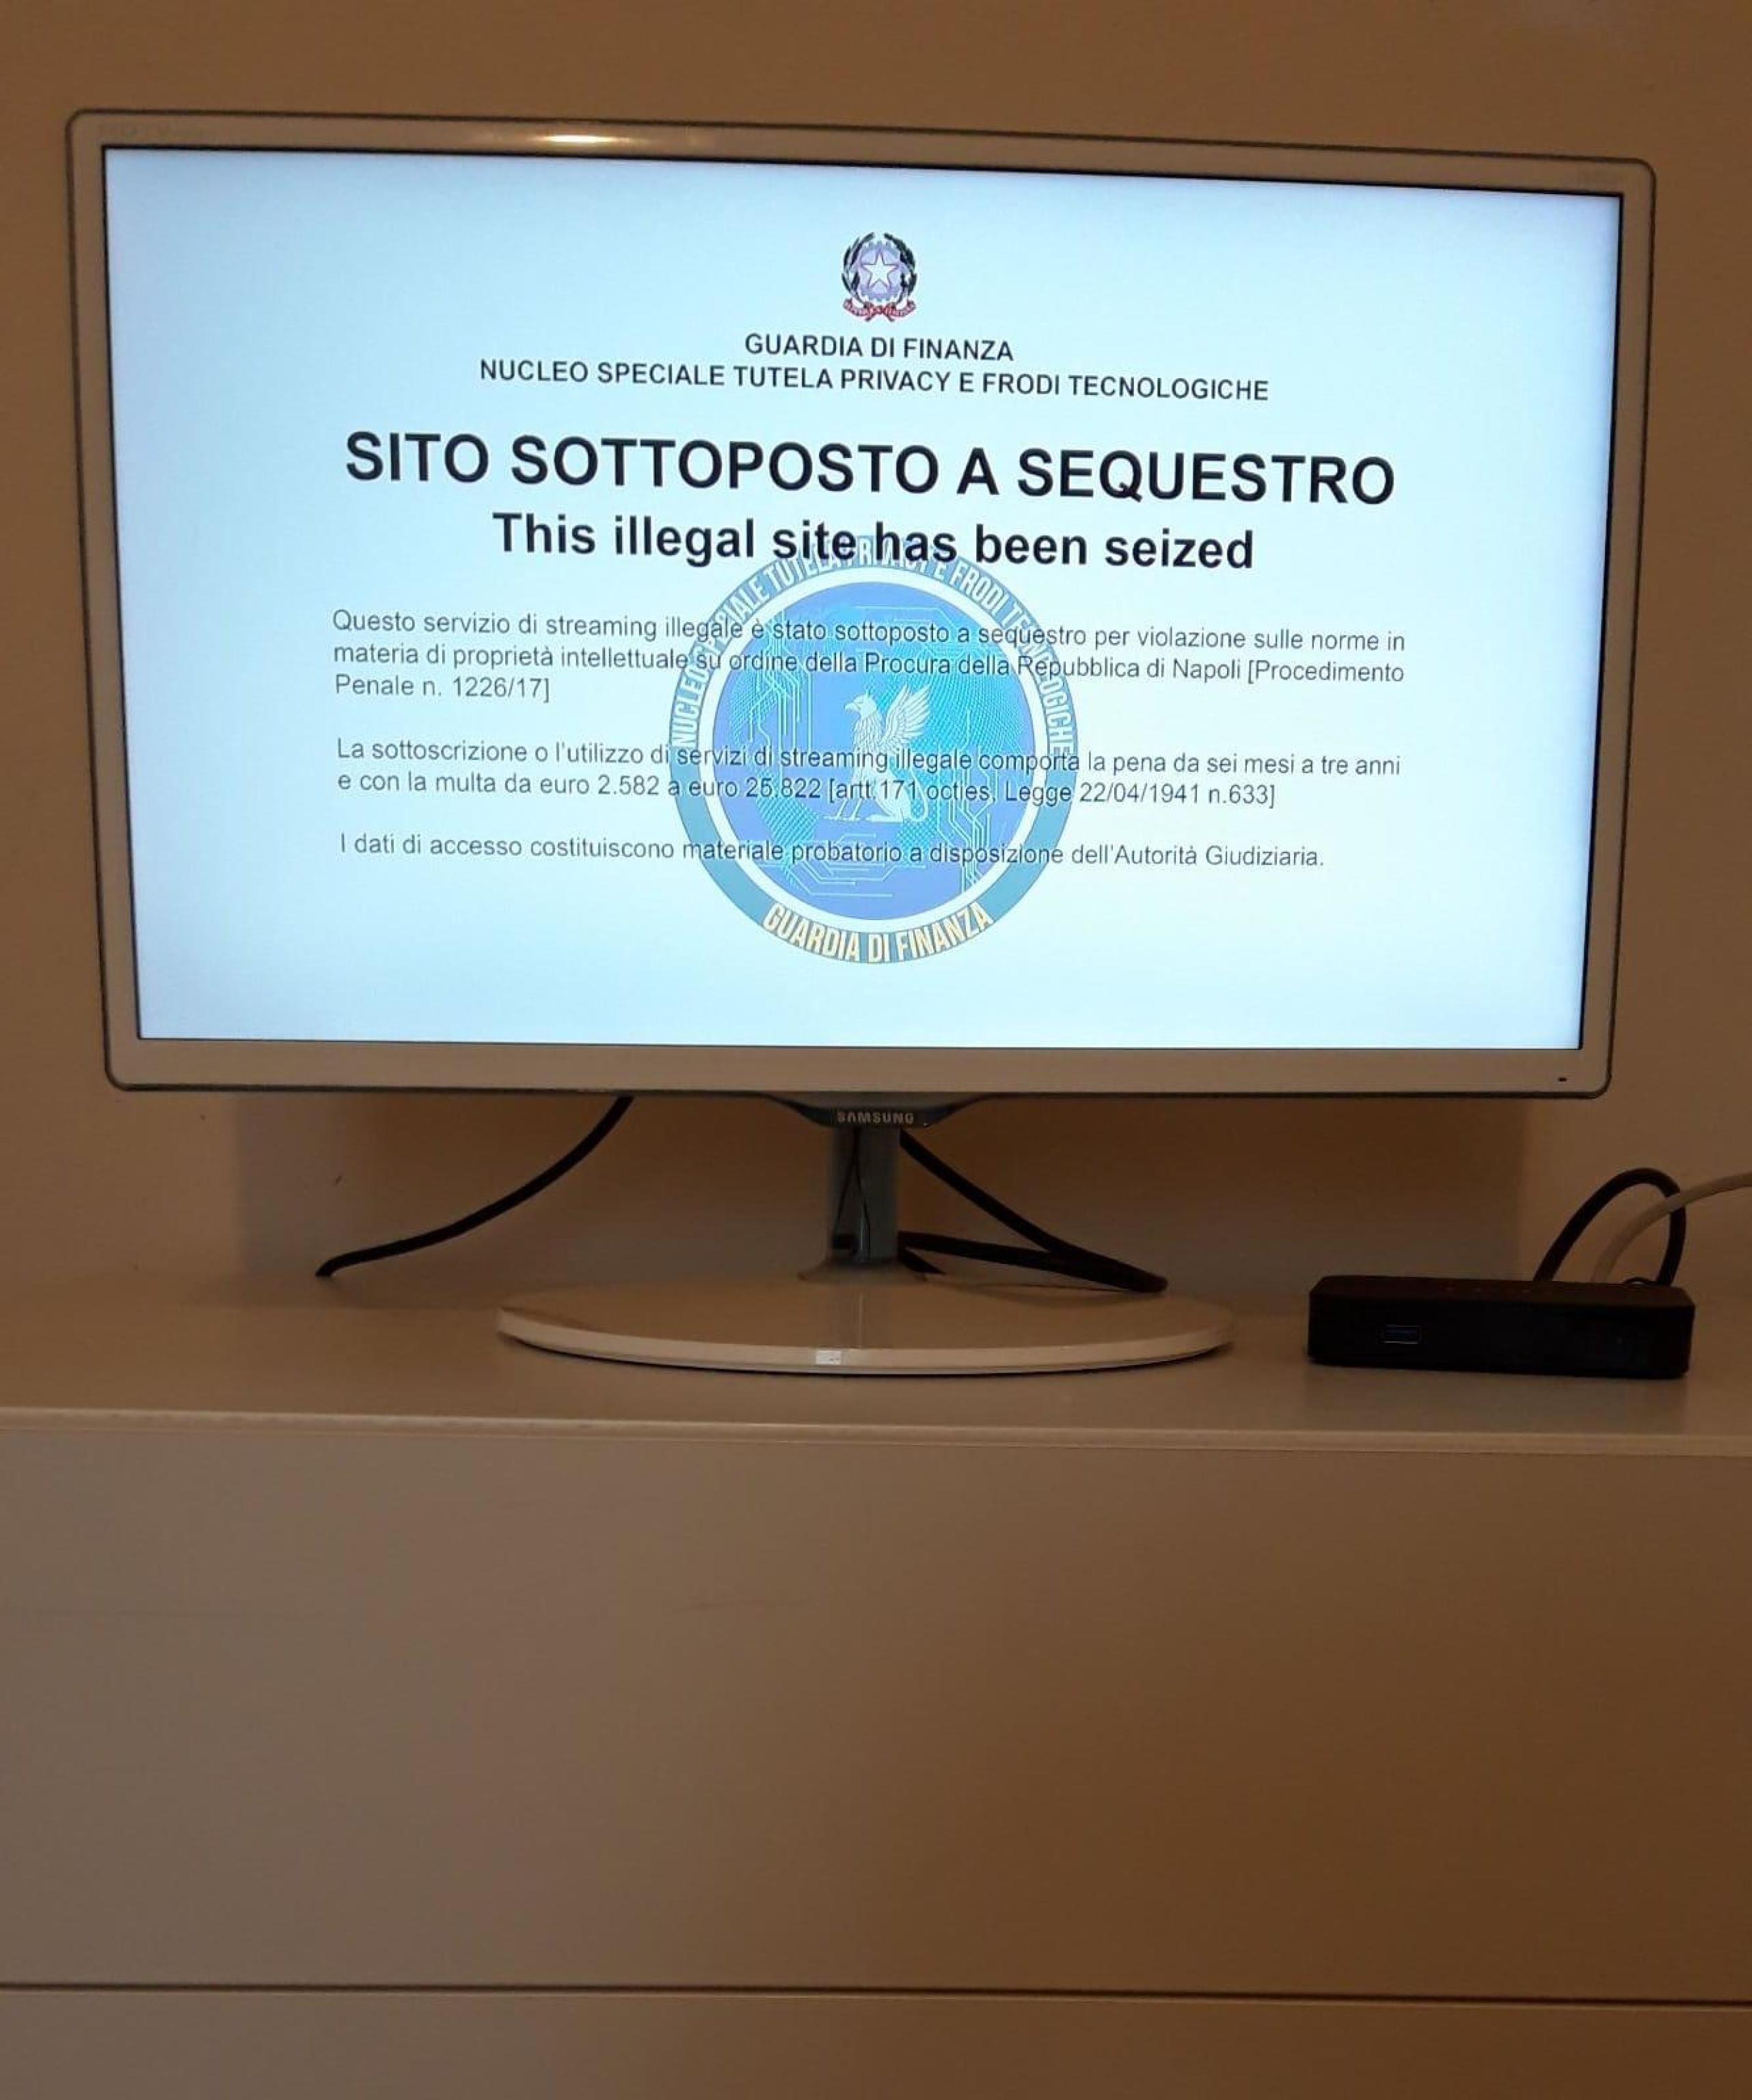 Oltre settecento siti web e 300 piattaforme Iptv pirata per la trasmissione di contenuti a pagamento sono stati oscurati dalla Guardia di Finanza. Secondo quanto si apprende da fonti inquirenti, l'attività rientra nell'ambito di una maxi indagine del Nucleo speciale tutela privacy e frodi tecnologiche delle Fiamme Gialle coordinata dalla procura di Napoli. ANSA/GUARDIA DI FINANZA +++ ANSA PROVIDES ACCESS TO THIS HANDOUT PHOTO TO BE USED SOLELY TO ILLUSTRATE NEWS REPORTING OR COMMENTARY ON THE FACTS OR EVENTS DEPICTED IN THIS IMAGE; NO ARCHIVING; NO LICENSING +++